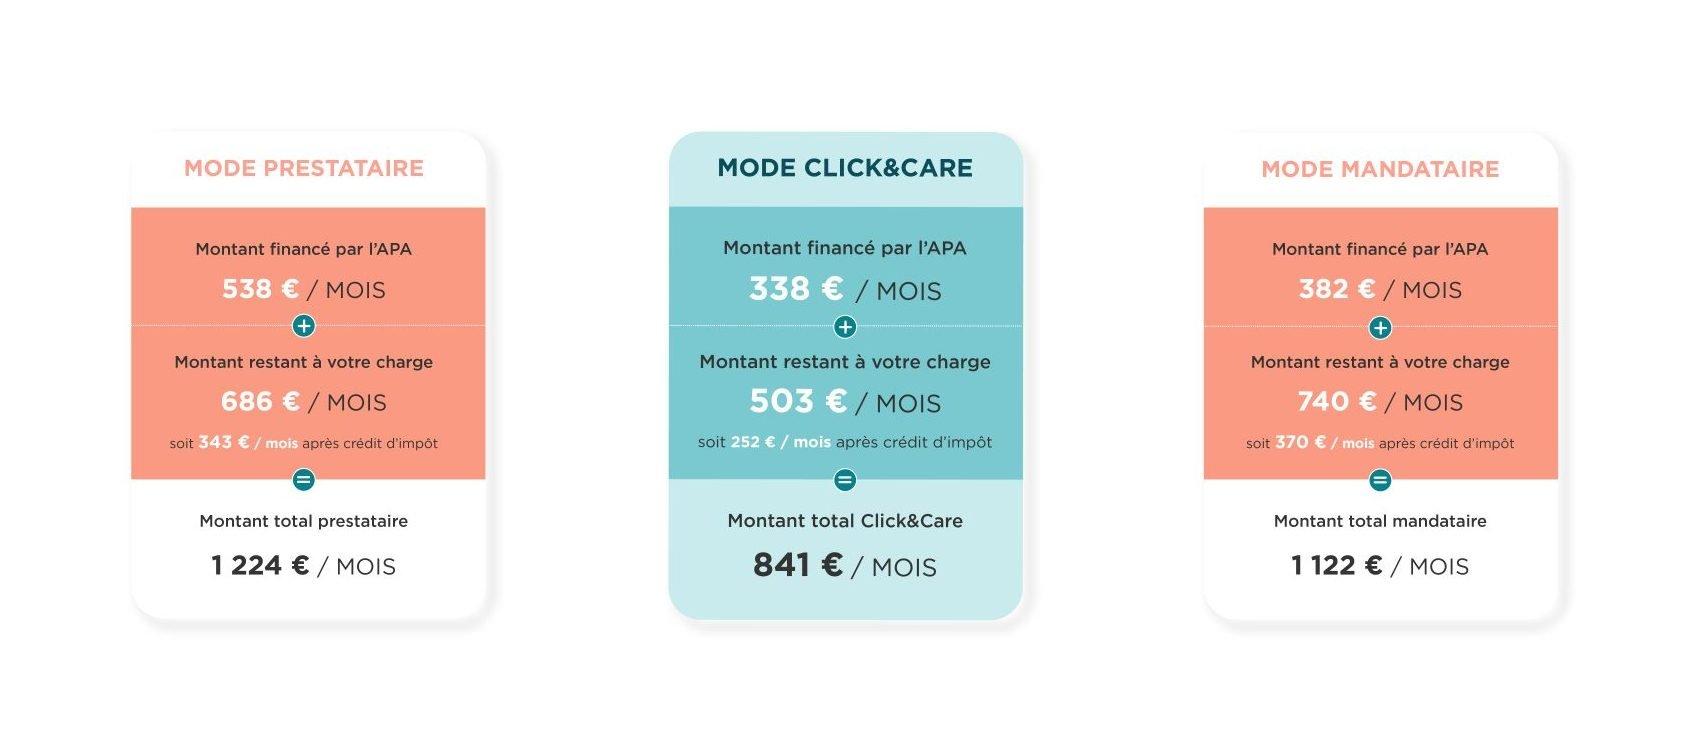 calculapa.fr résultats comparaison des modes d'intermédiation